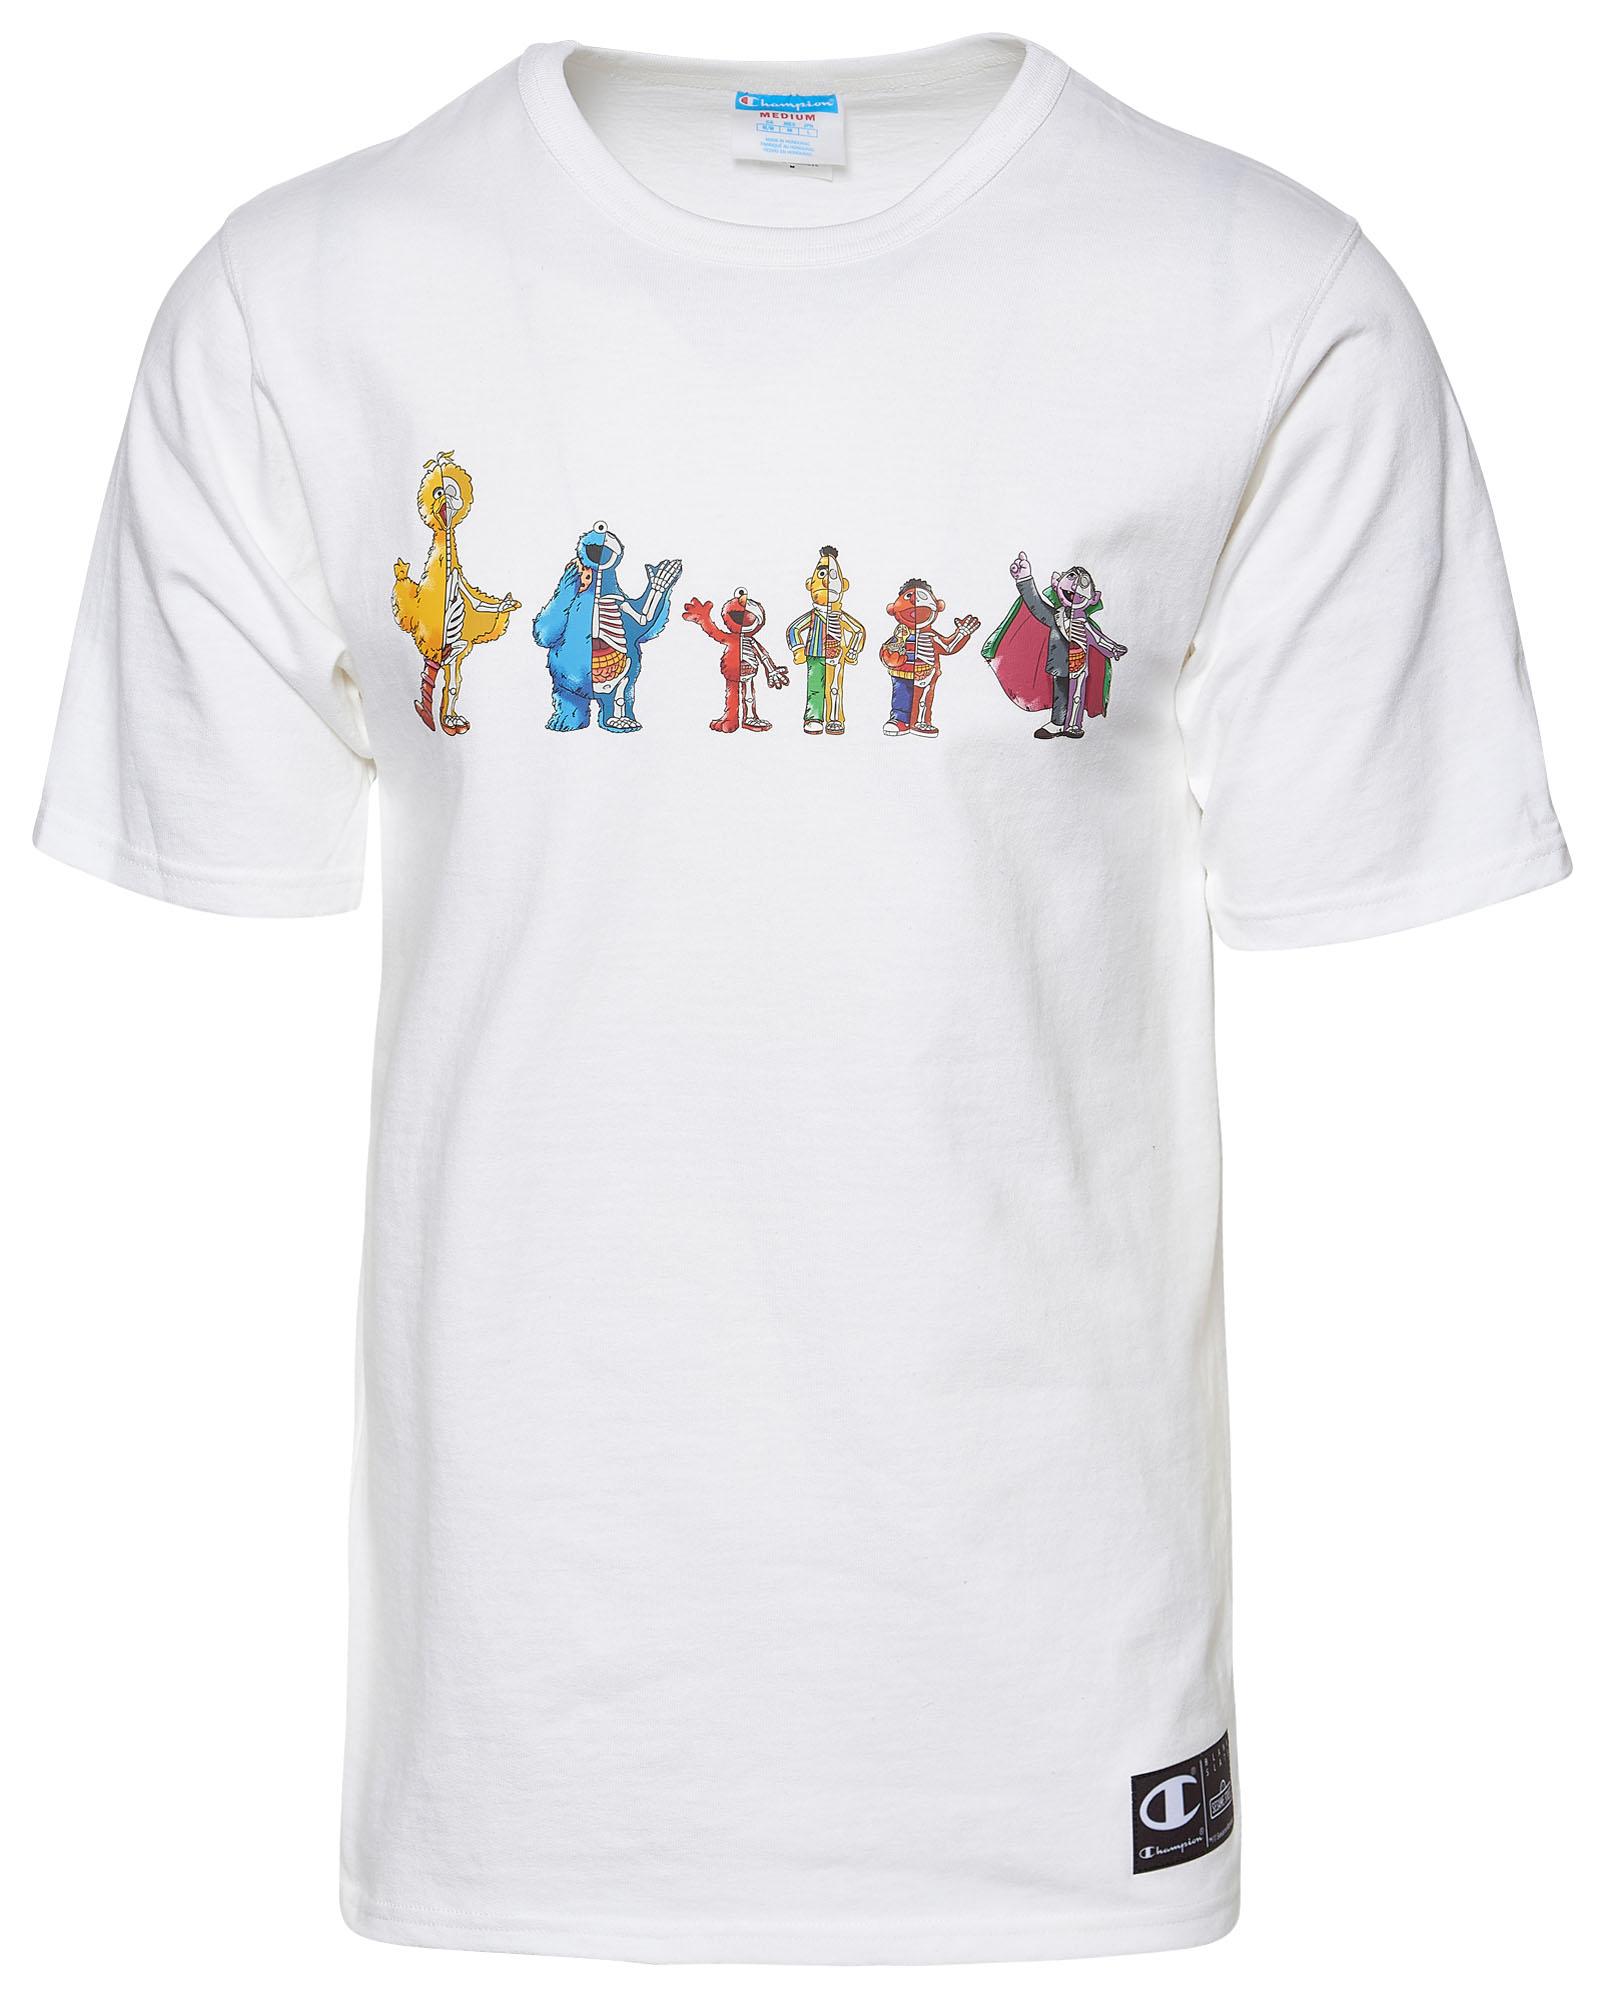 Sesame Street x Jason Freeny x Foot Locker